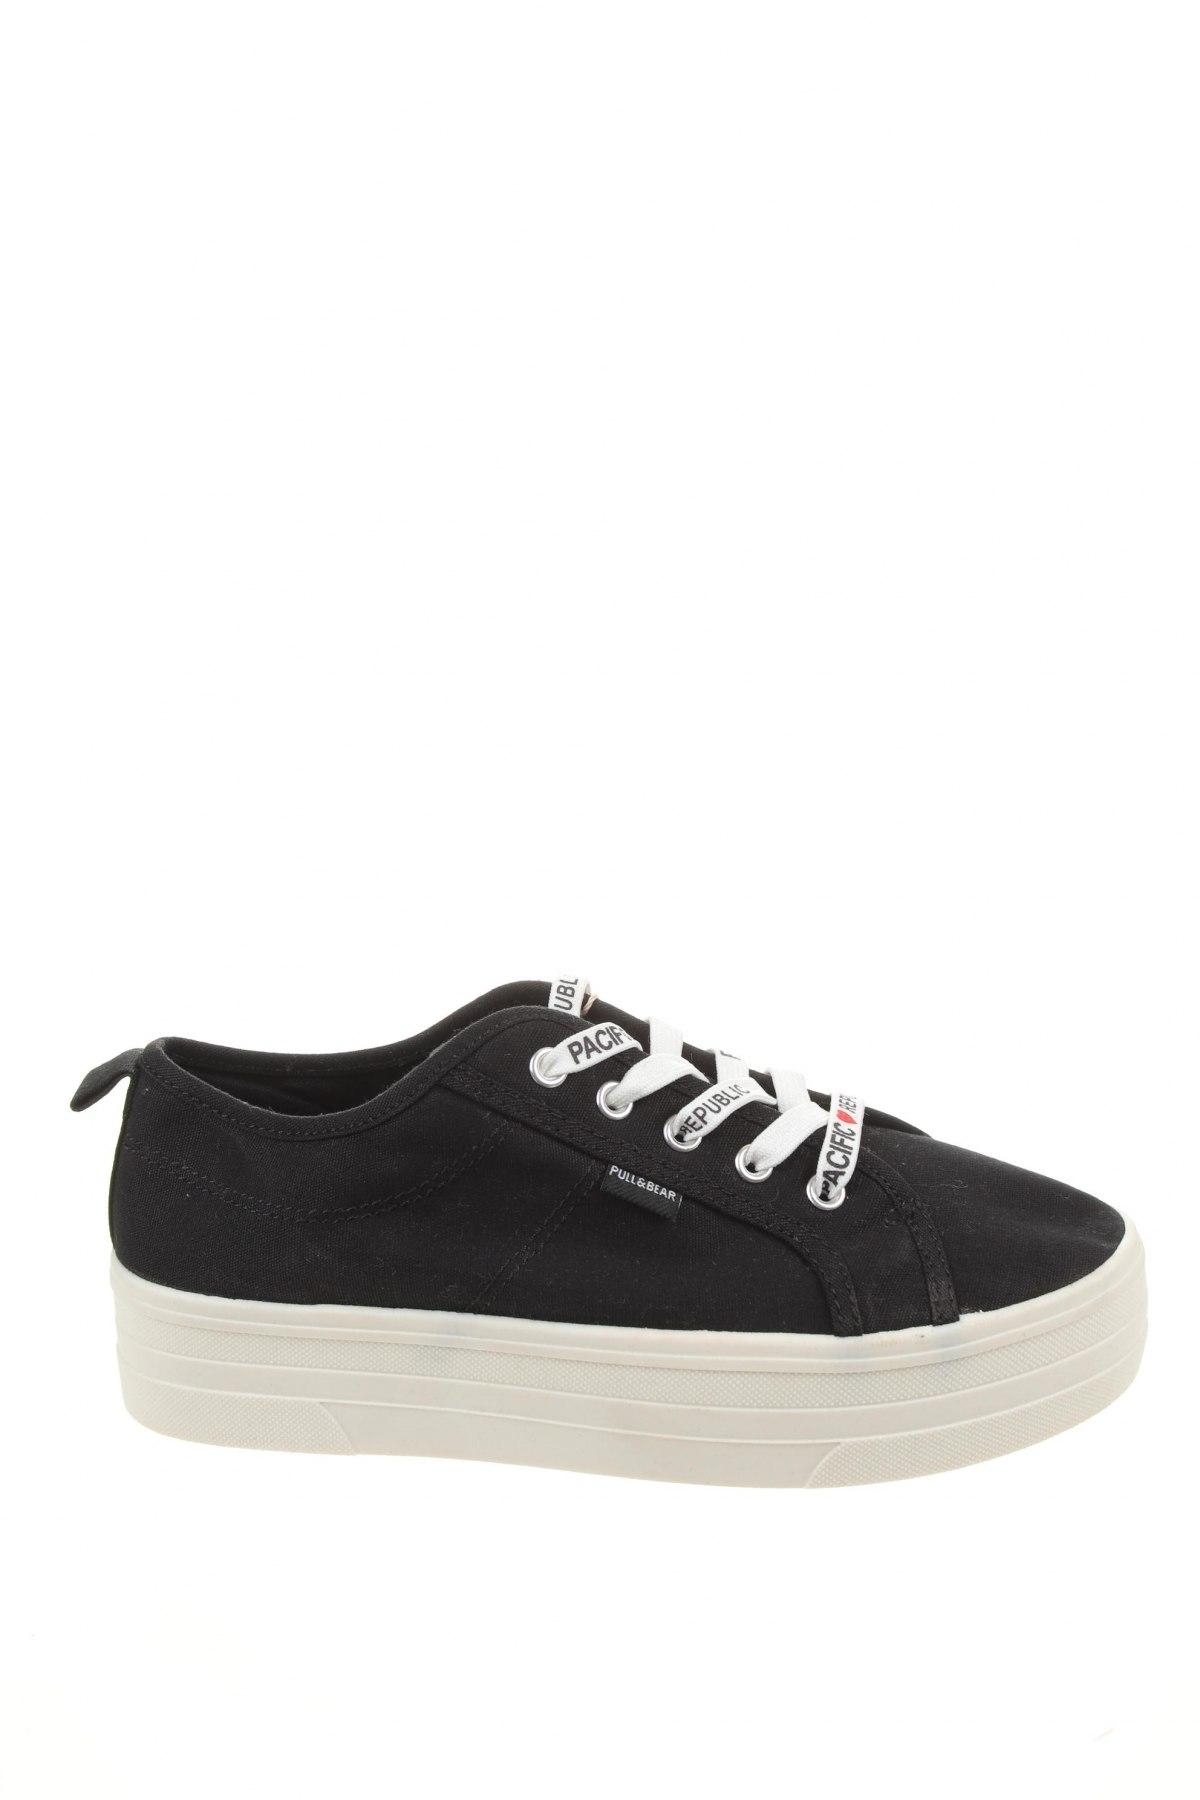 Γυναικεία παπούτσια Pull&Bear, Μέγεθος 37, Χρώμα Μαύρο, Κλωστοϋφαντουργικά προϊόντα, Τιμή 14,47€